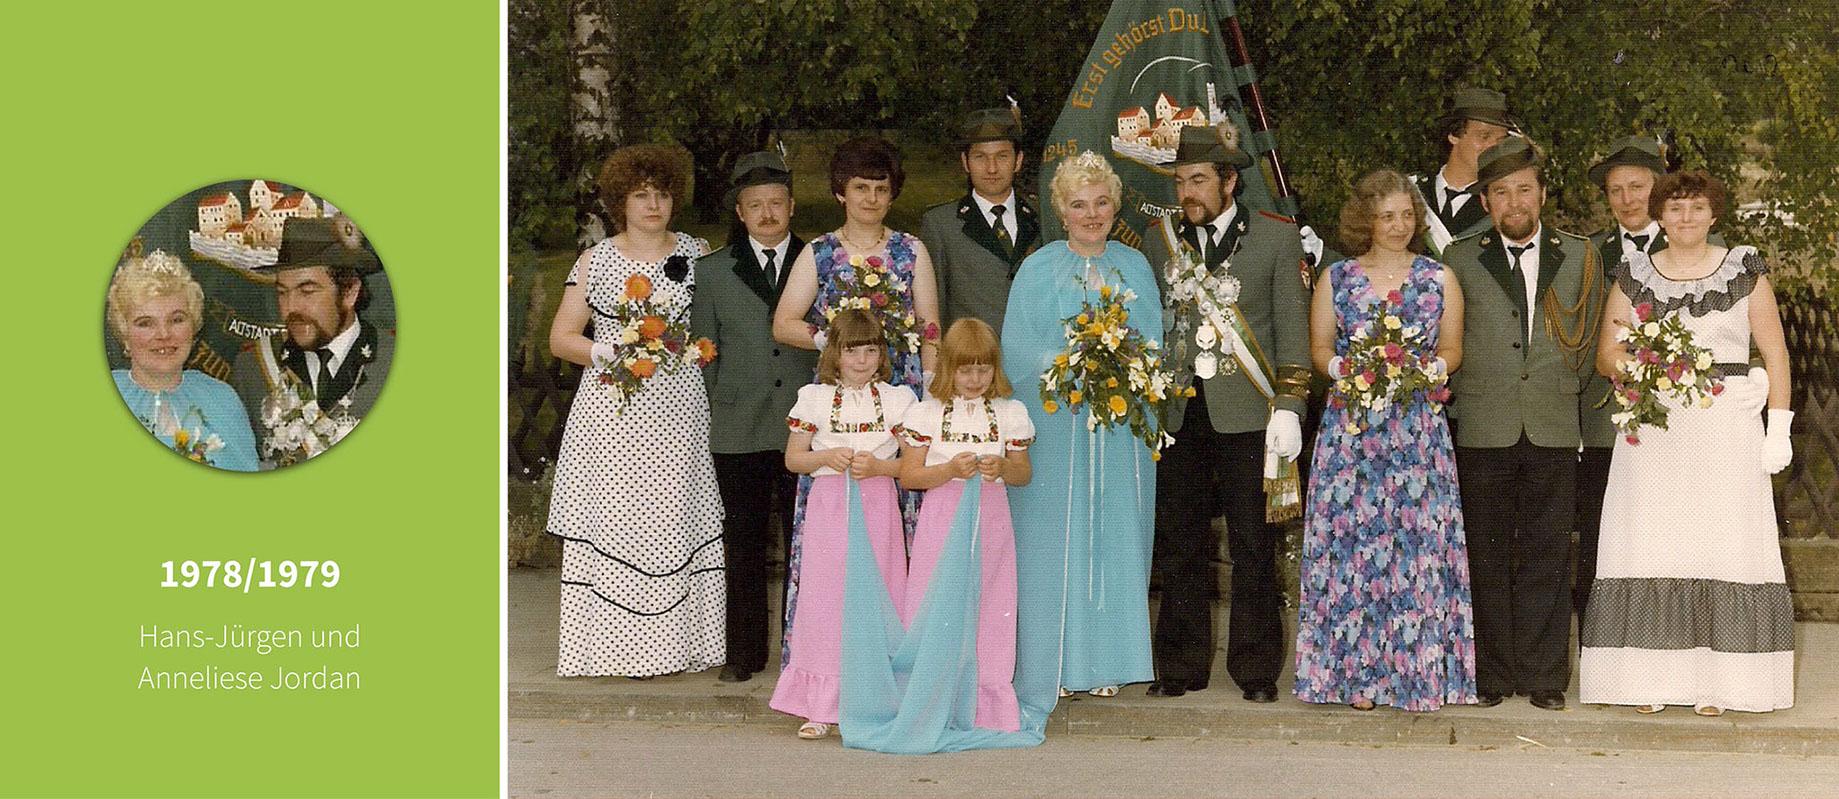 1978_1979_hans-jürgen-und-anneliese-jordan_2x